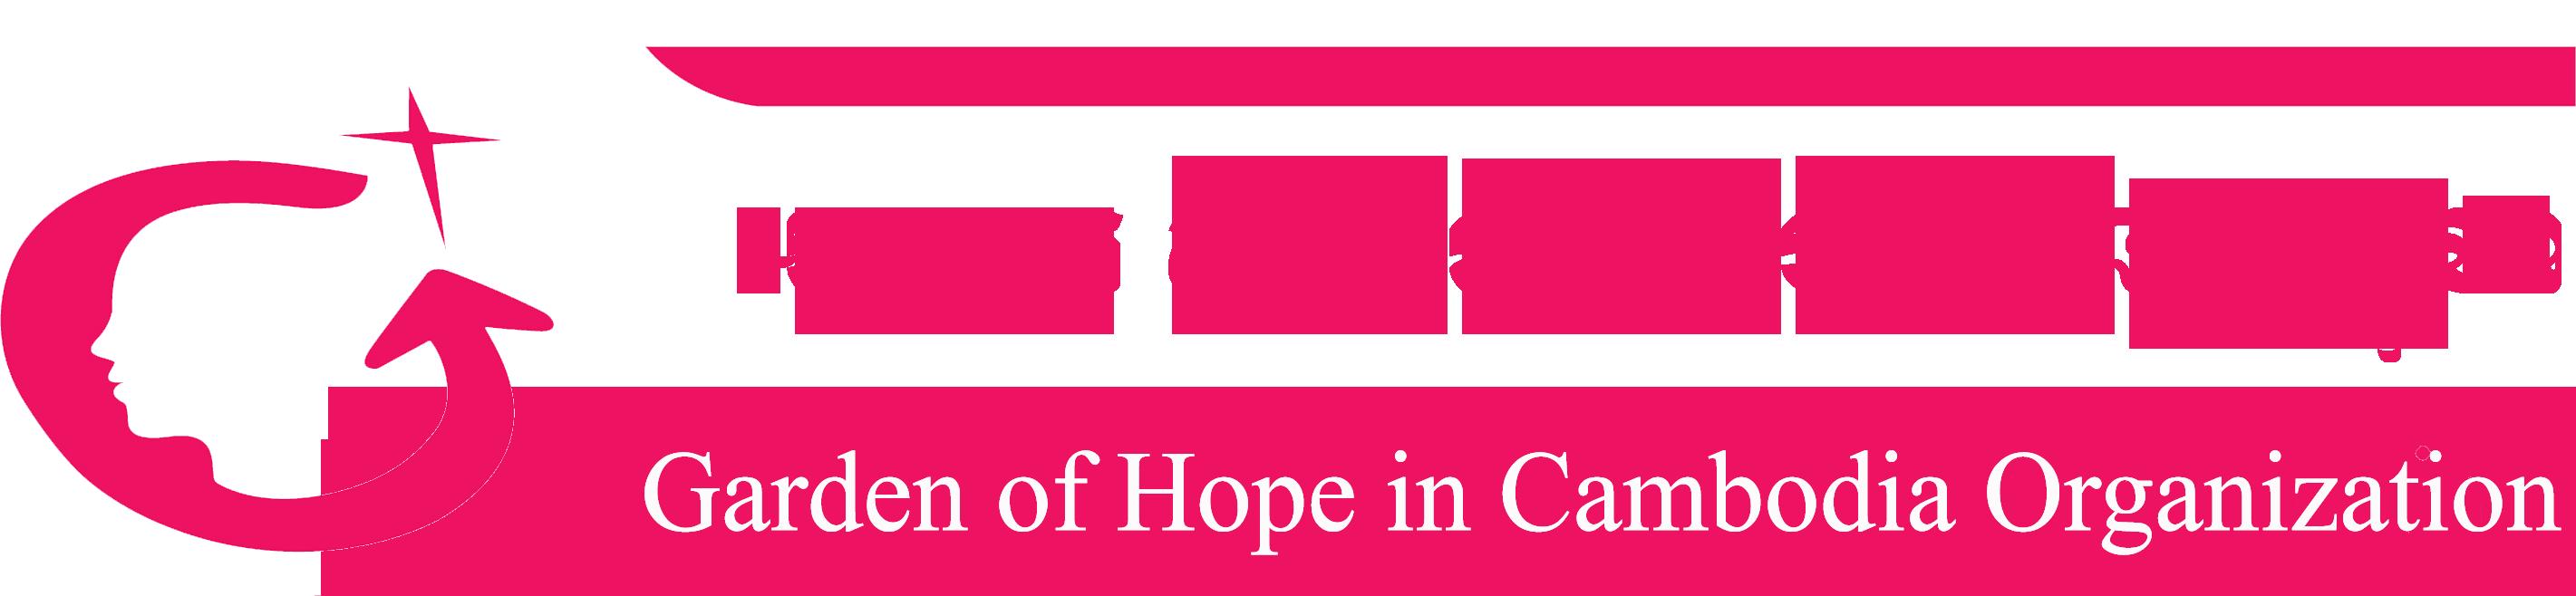 Logo gohc copy